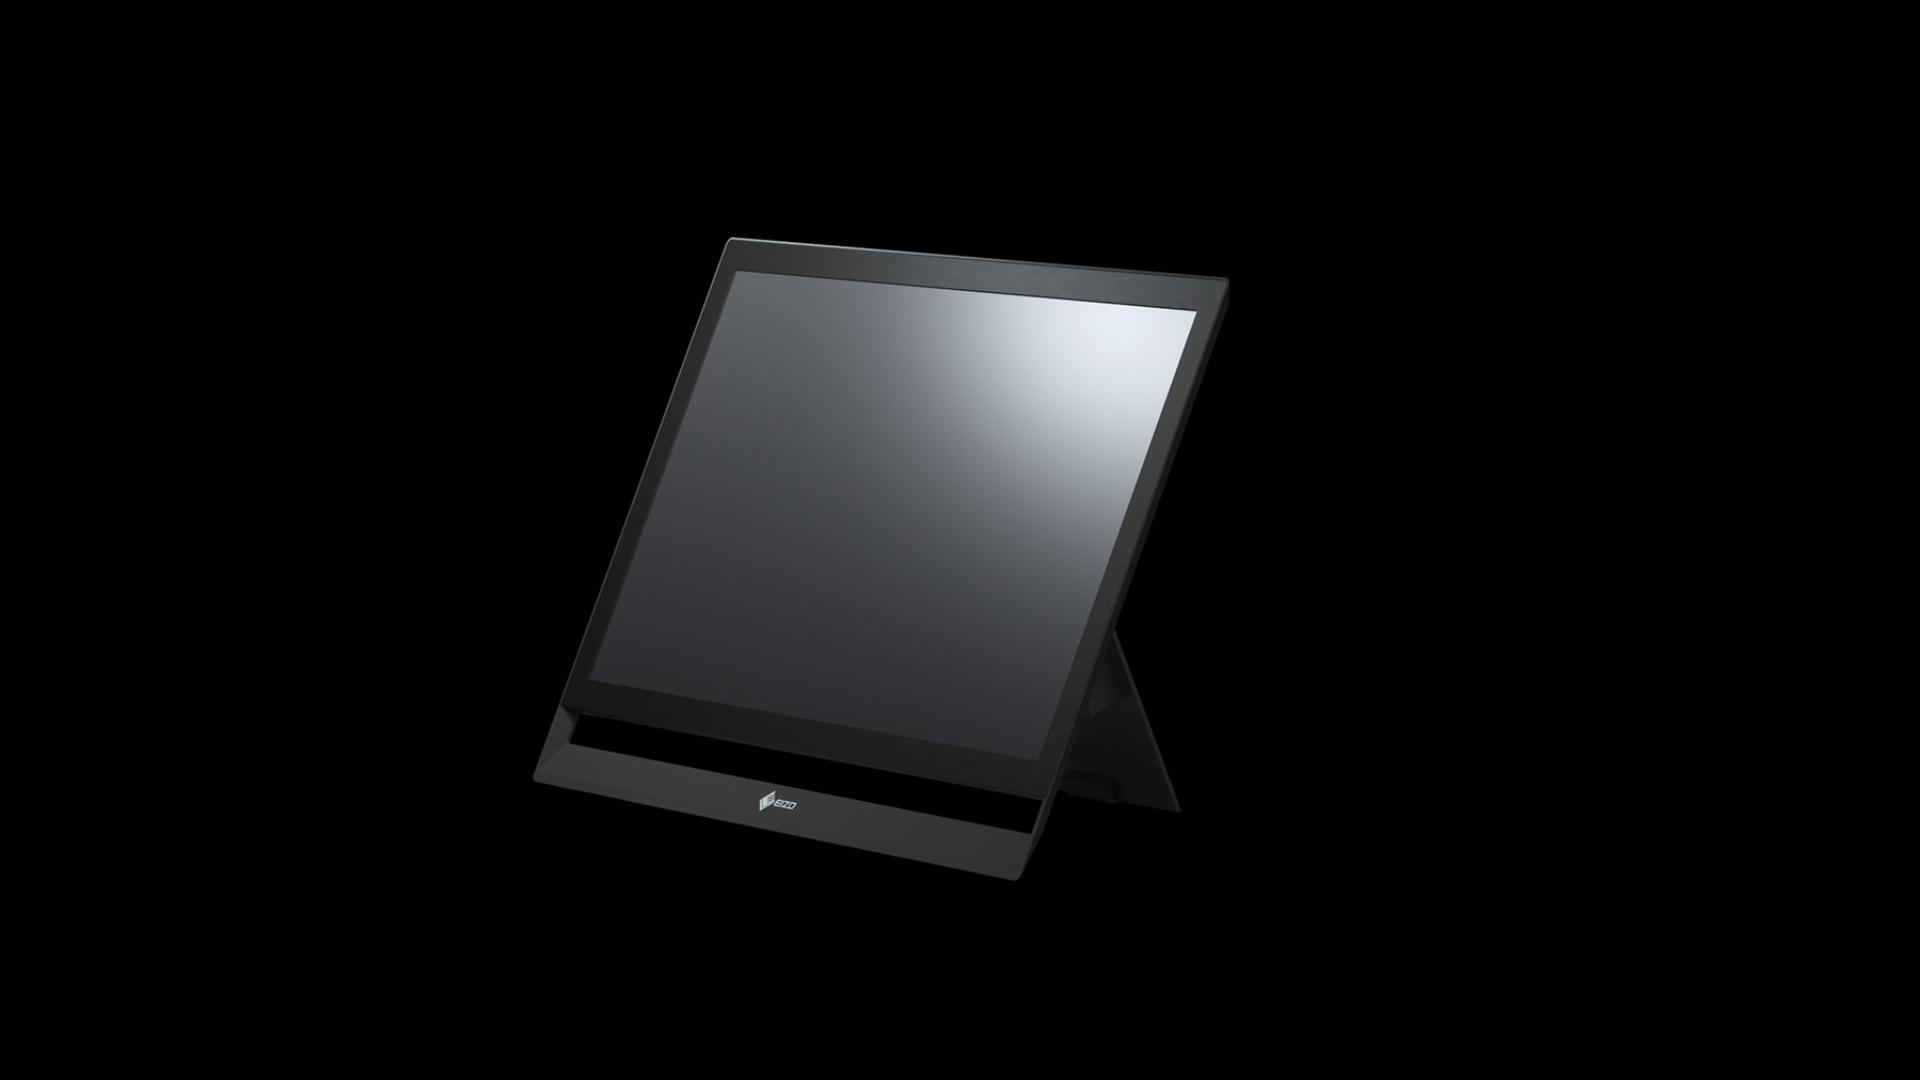 Eizo Foris Nova mit Printed-OLED-Dispaly